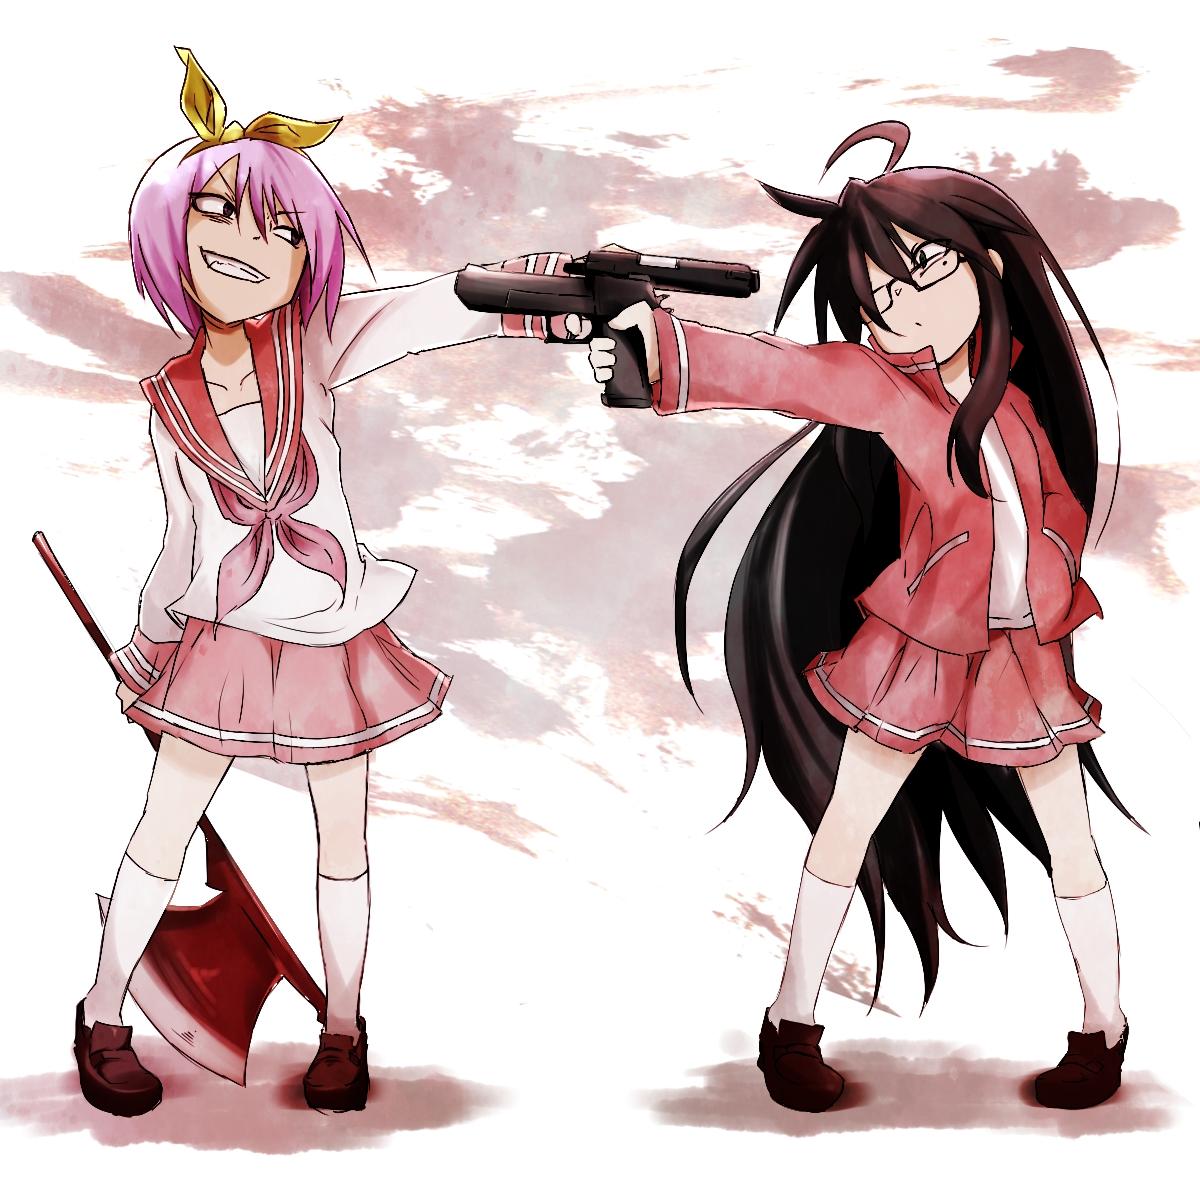 Anime Characters Kuudere : Lucky☆star image zerochan anime board